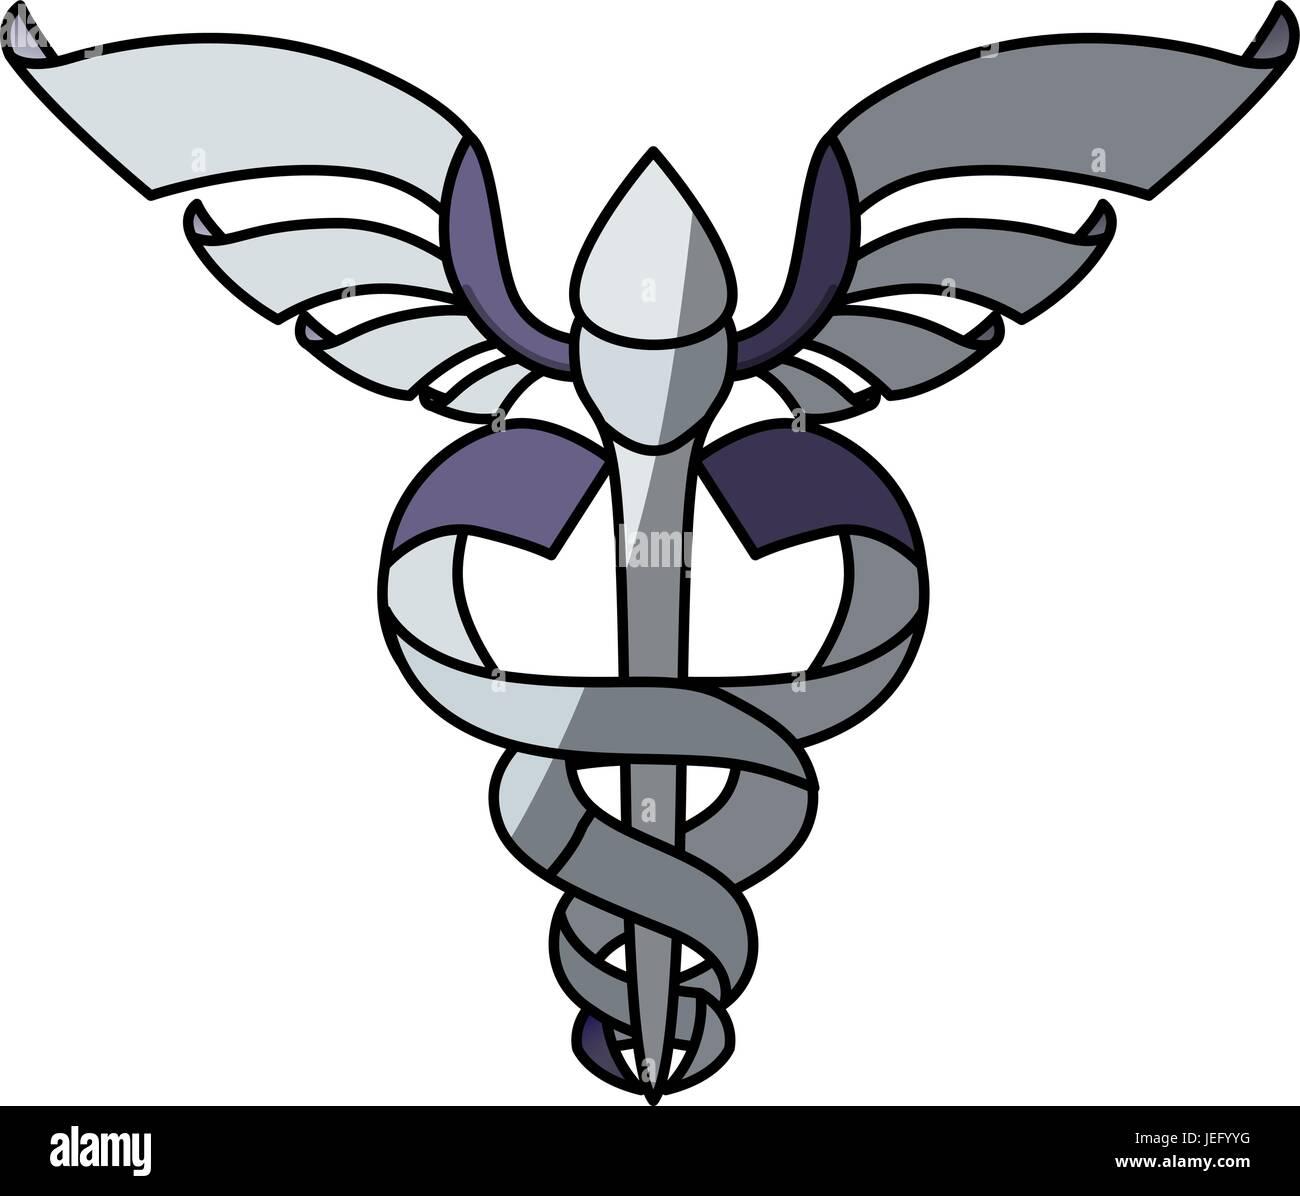 isolated caduceus emblem - Stock Image